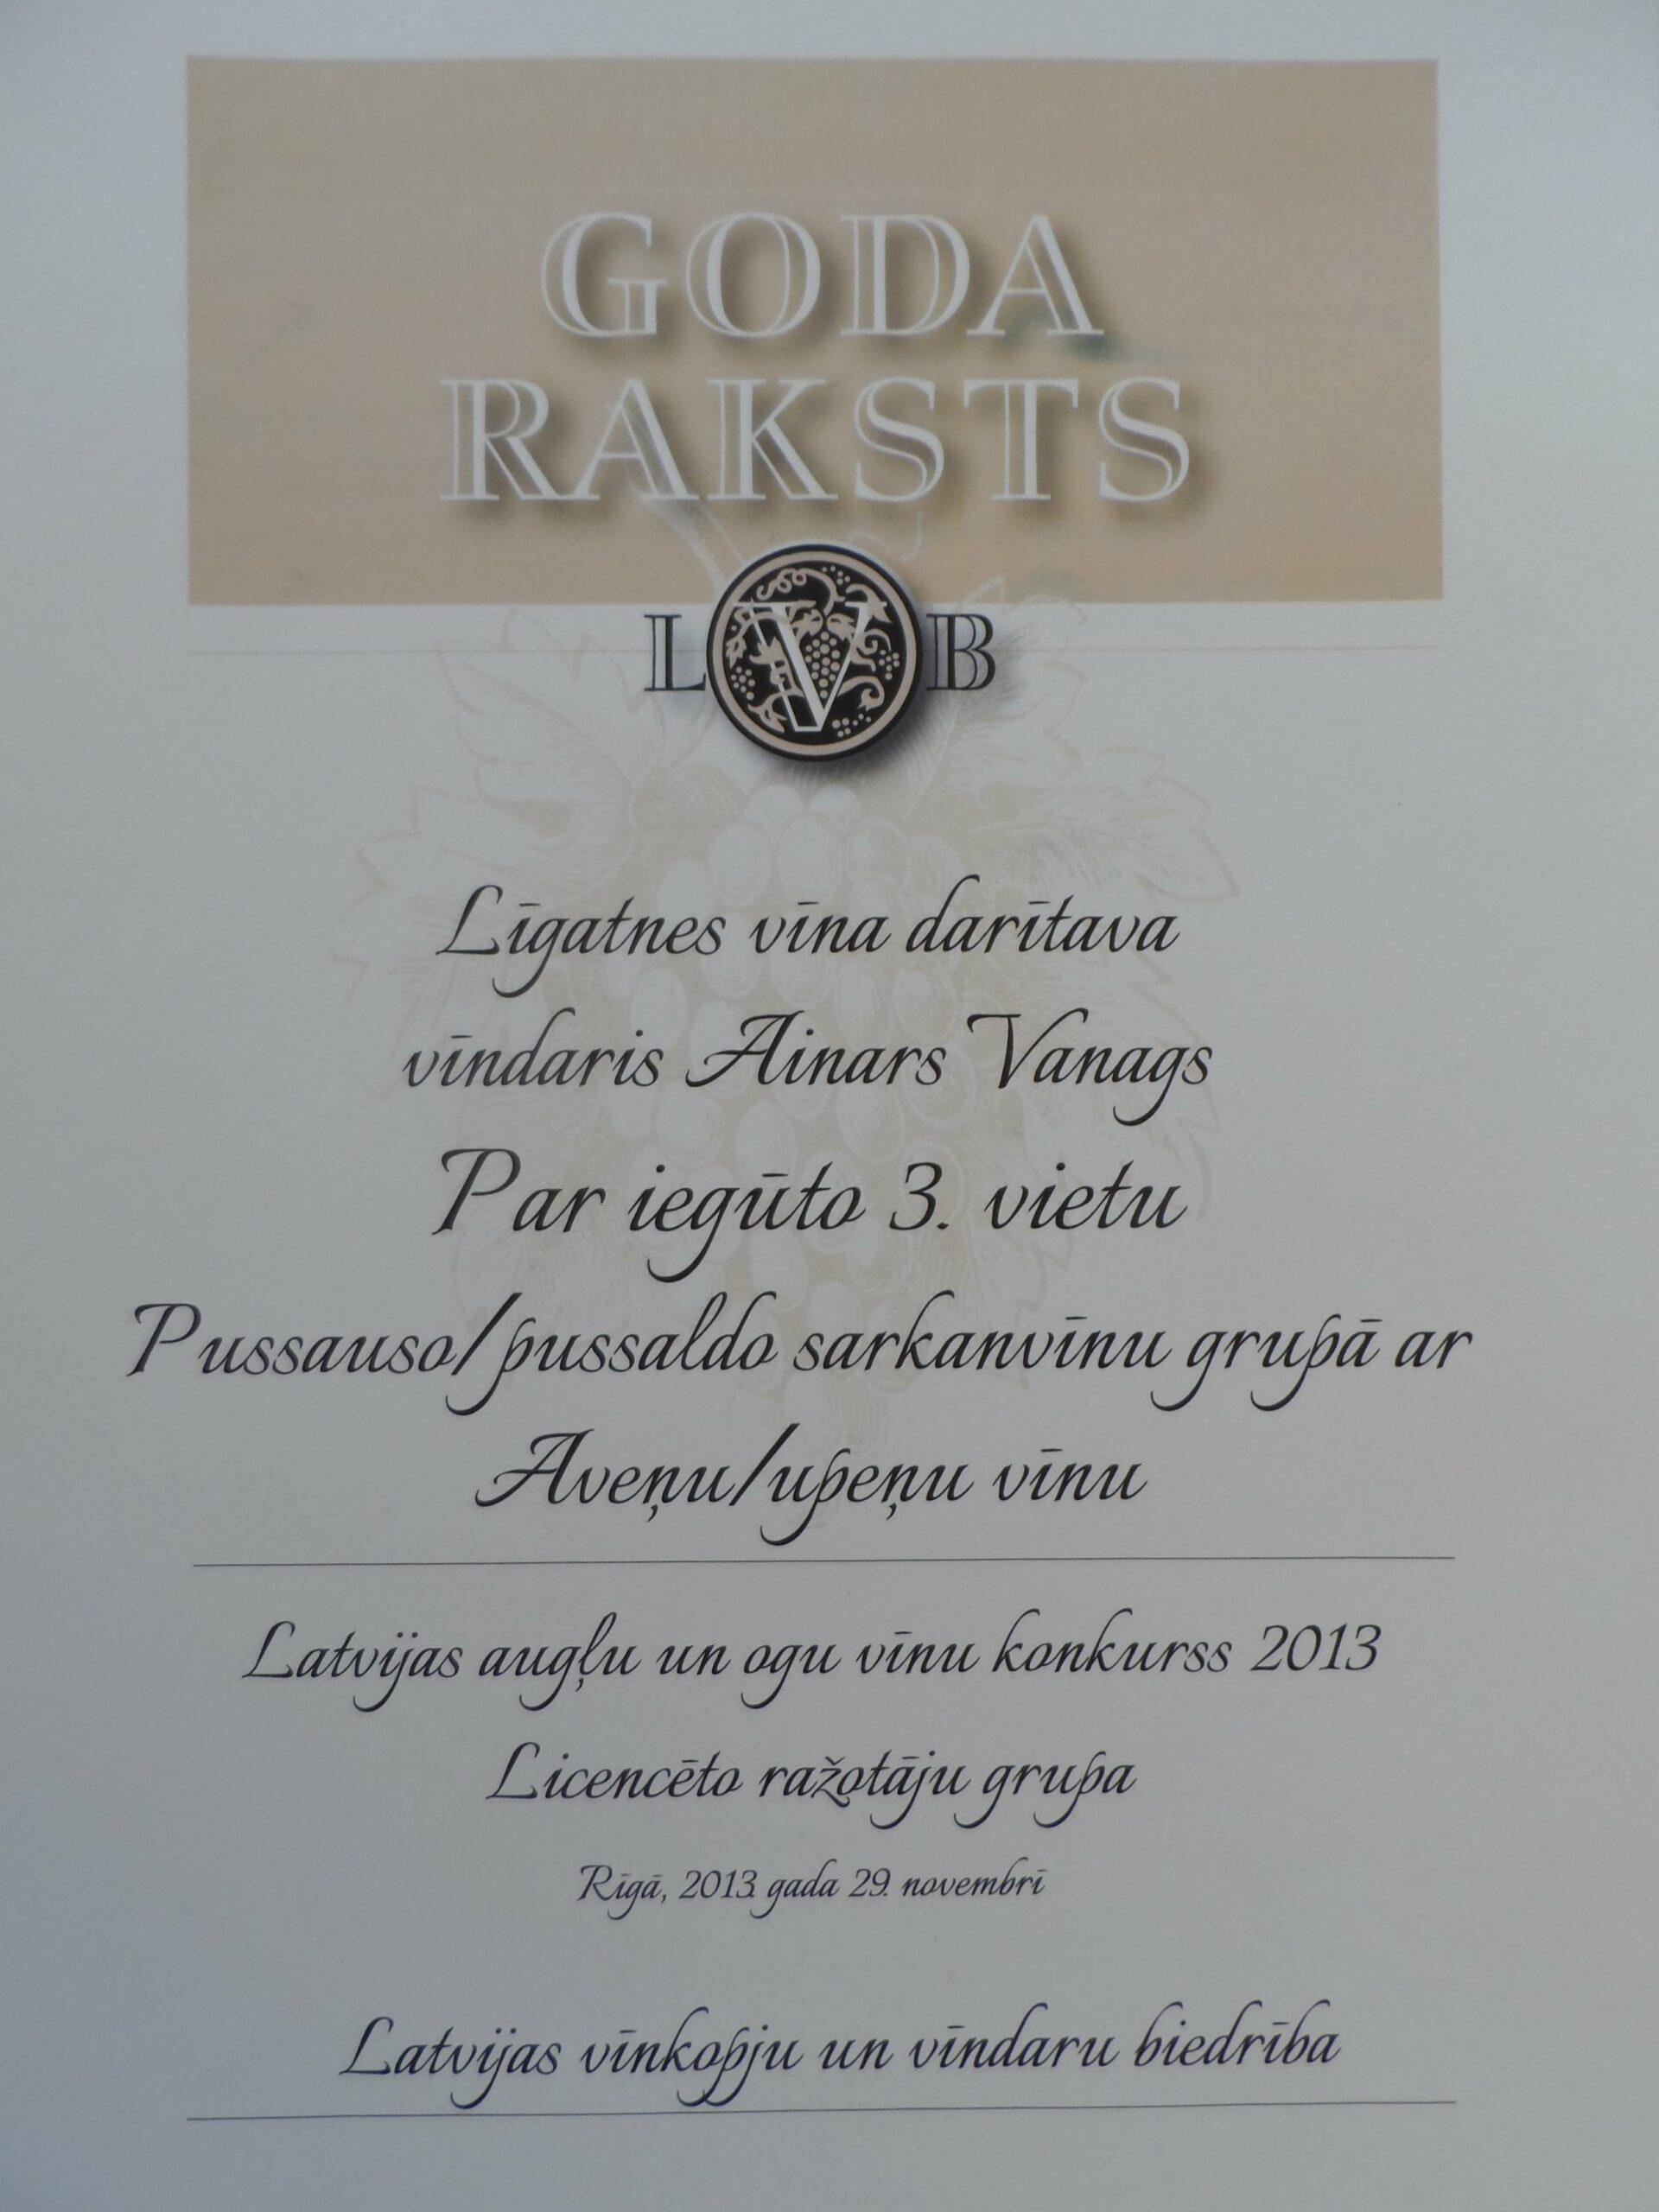 3.vieta Aveņu/upeņu vīns Pussauso/pussaldo sarkanvīnu grupā